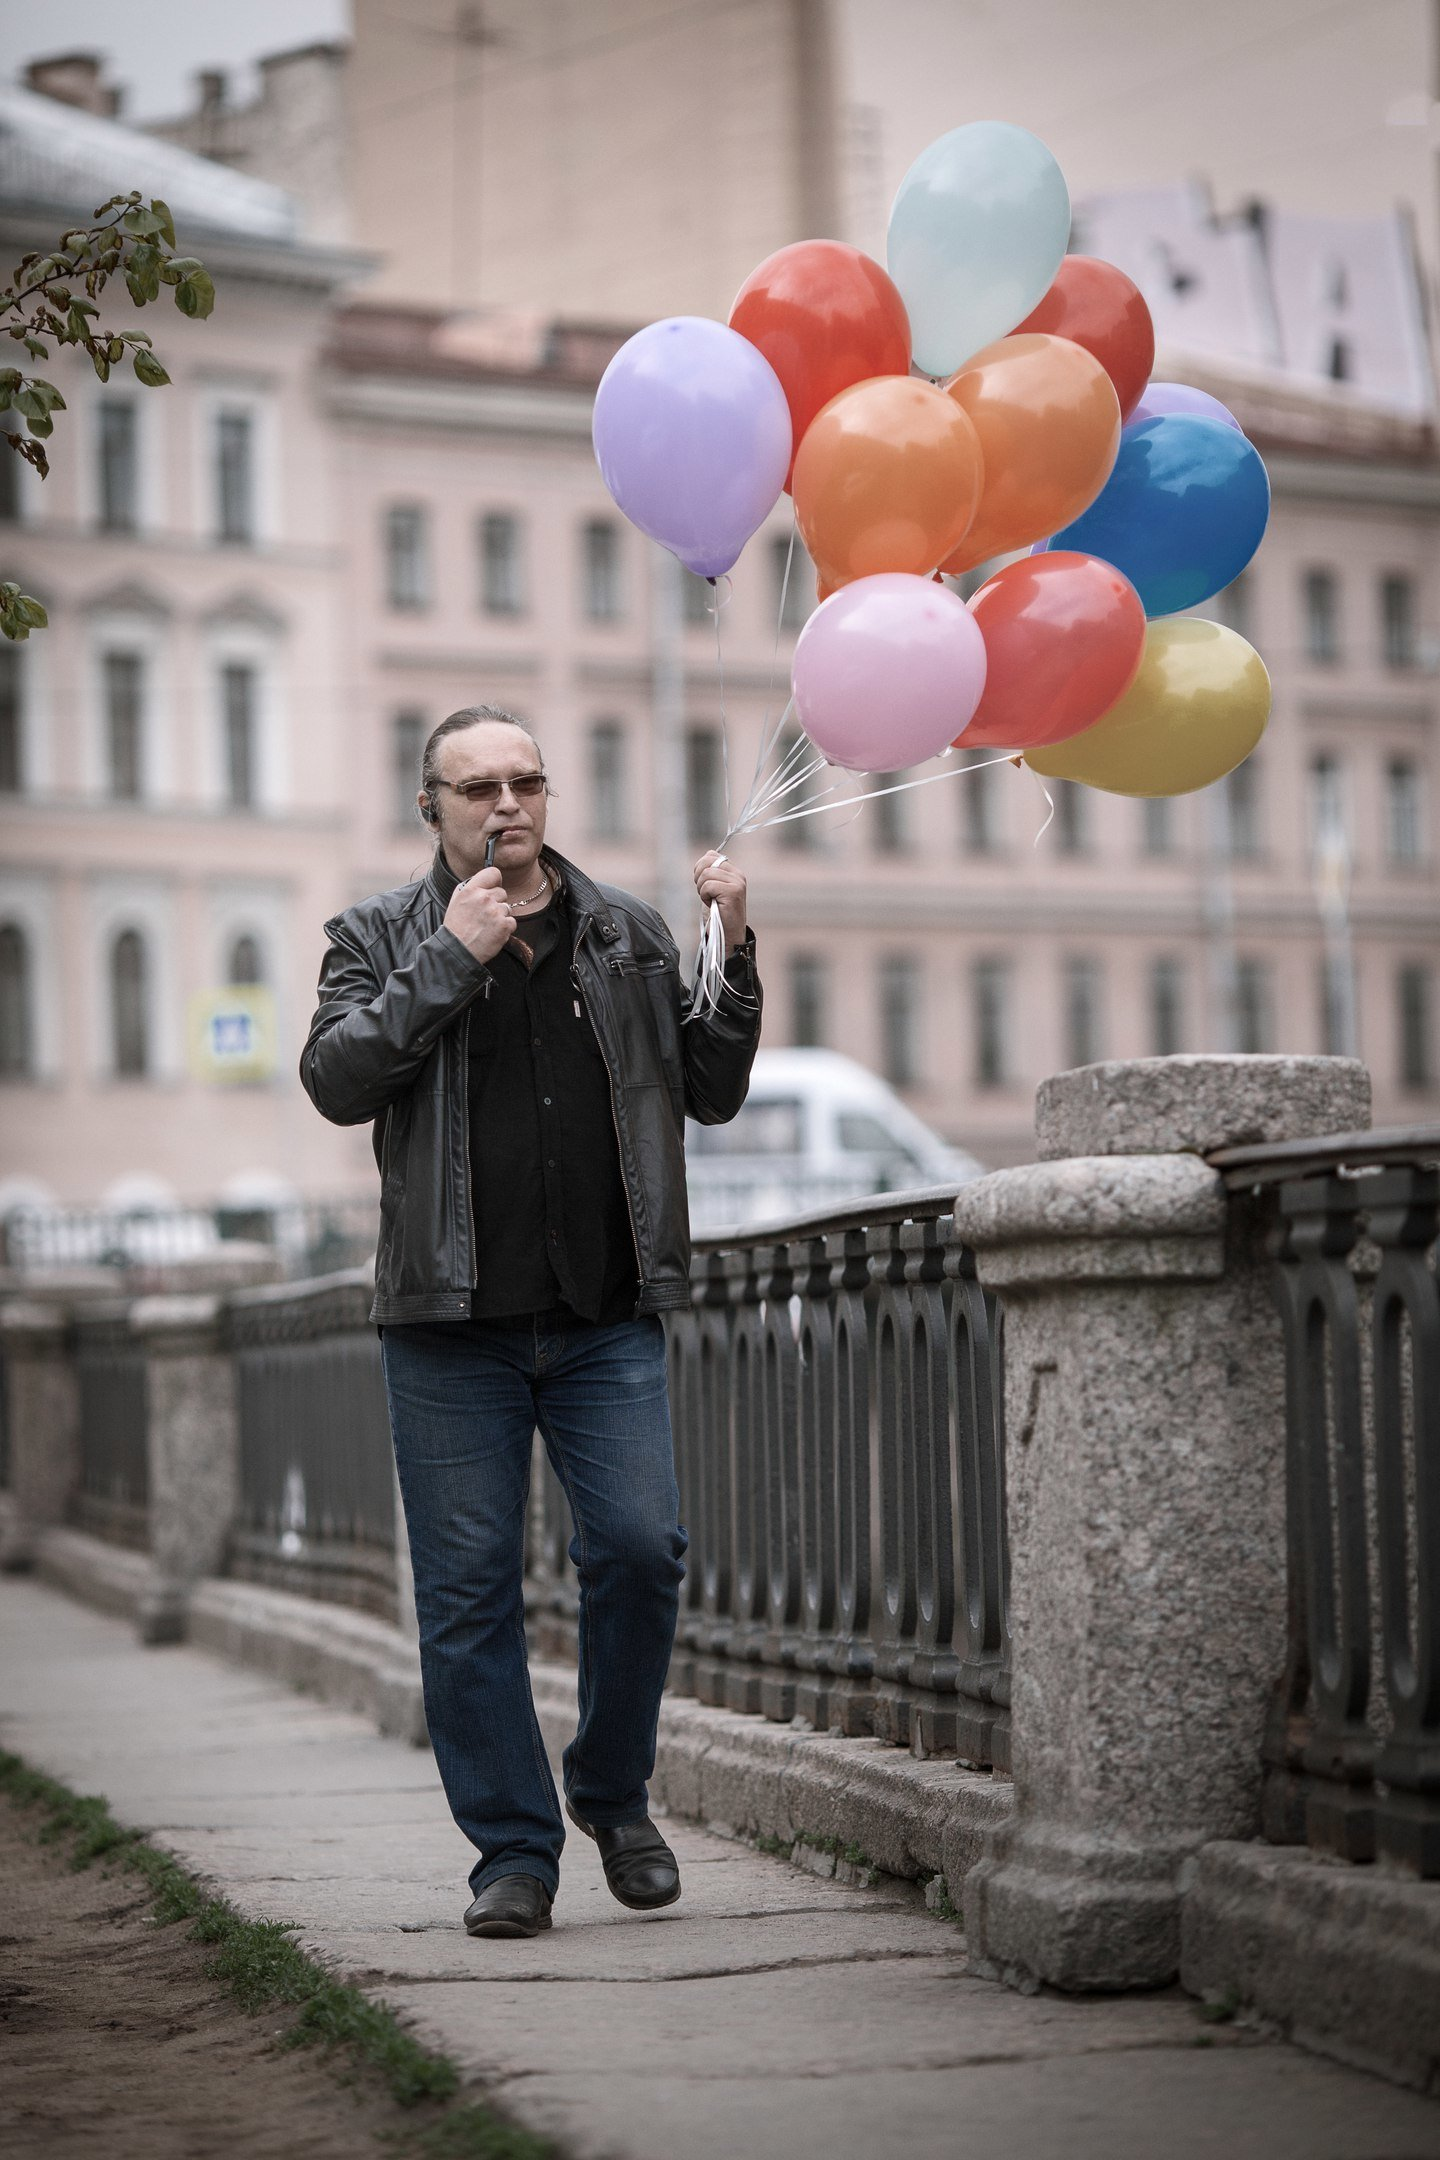 Фотографы фрилансеры санкт-петербург договор с фрилансером программистом образец